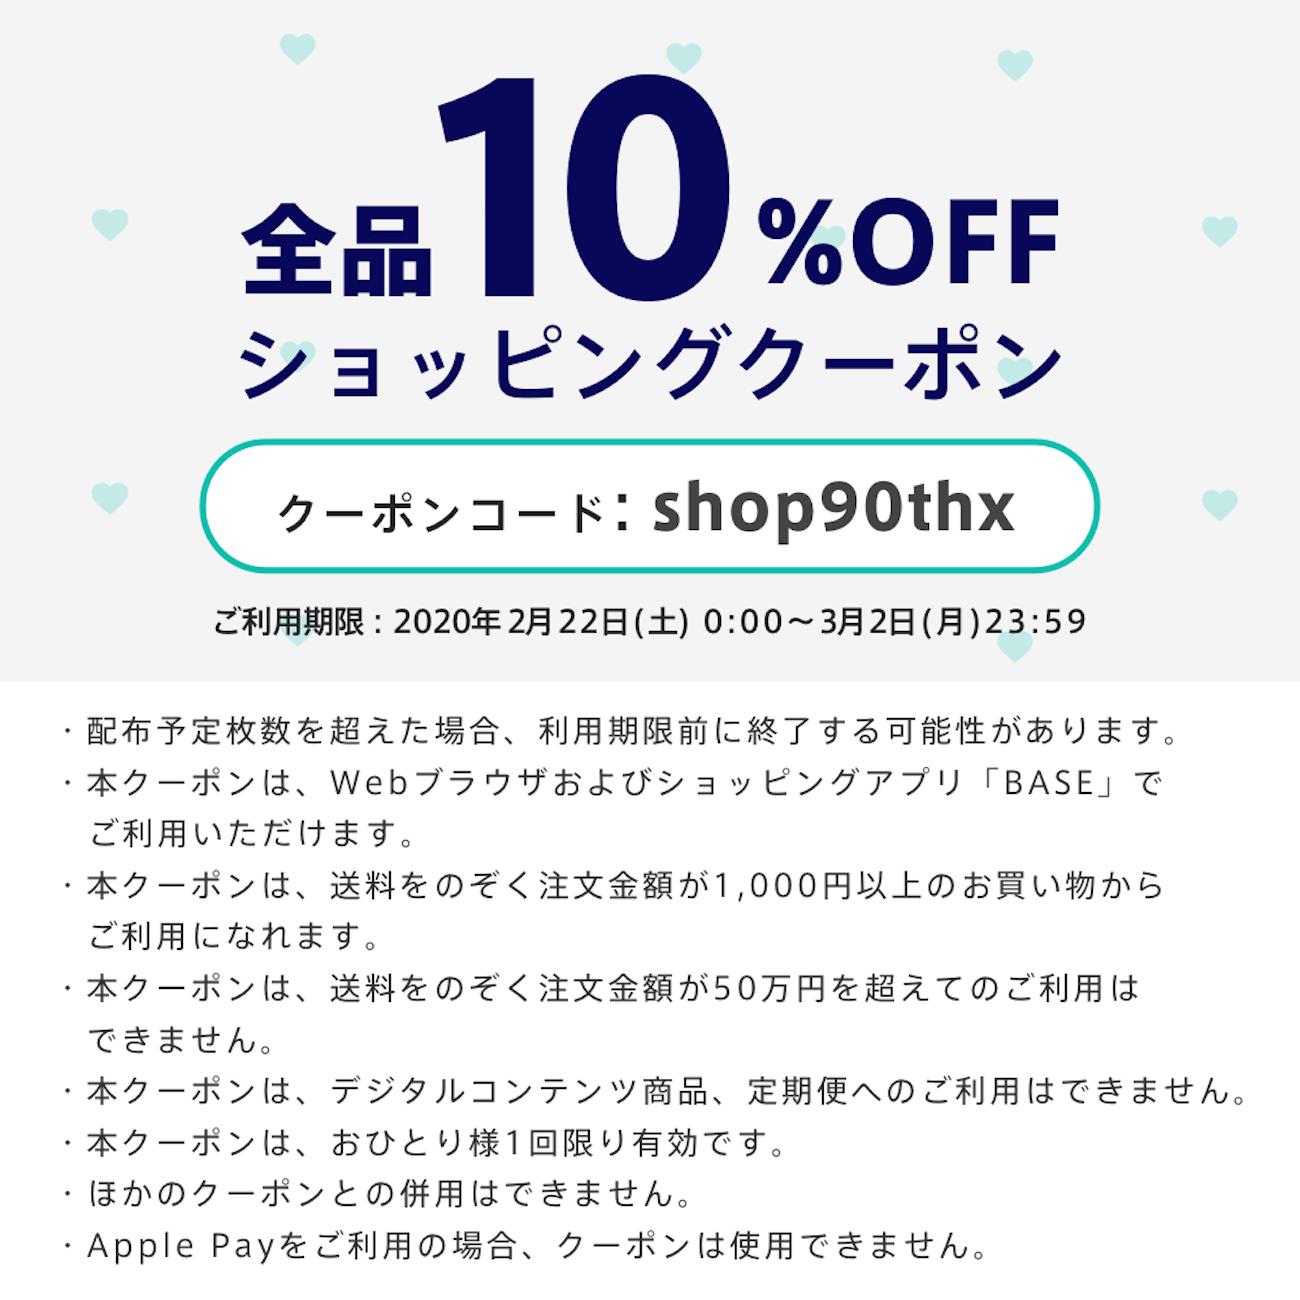 【期間限定】10%OFFクーポンが期間限定でご利用頂けます!!